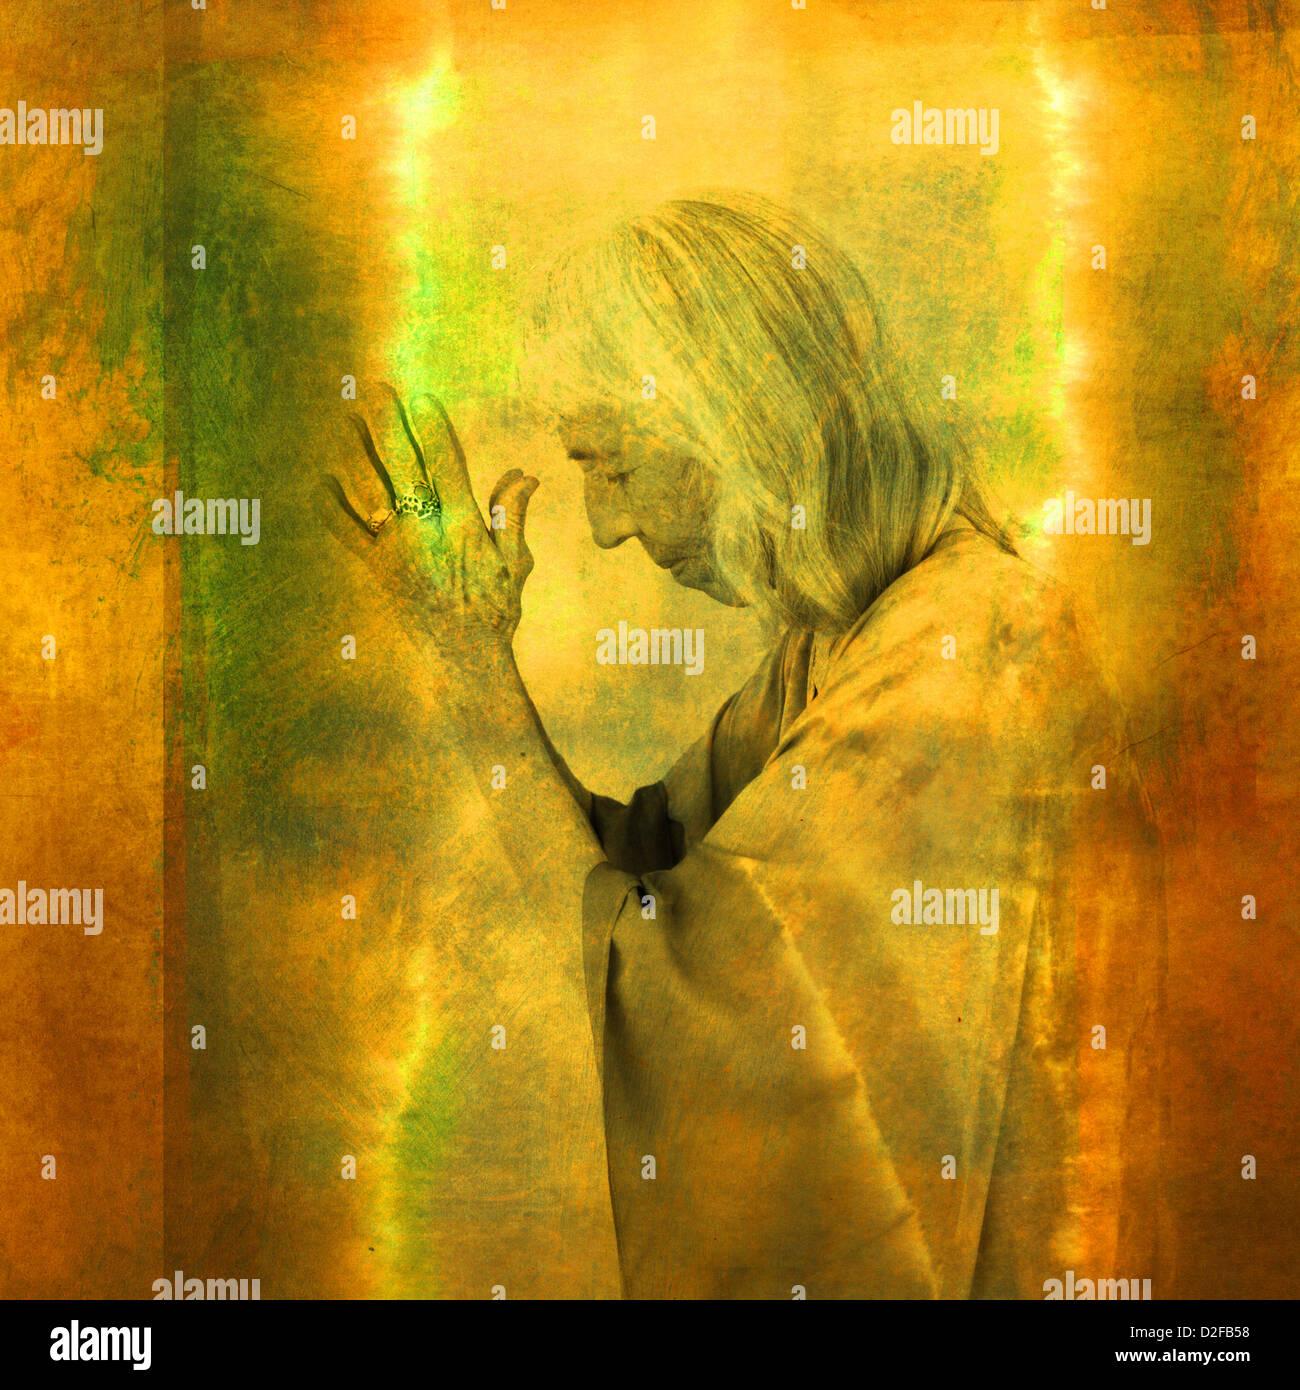 Wise woman in illuminated prayer. Photo based illustration. - Stock Image